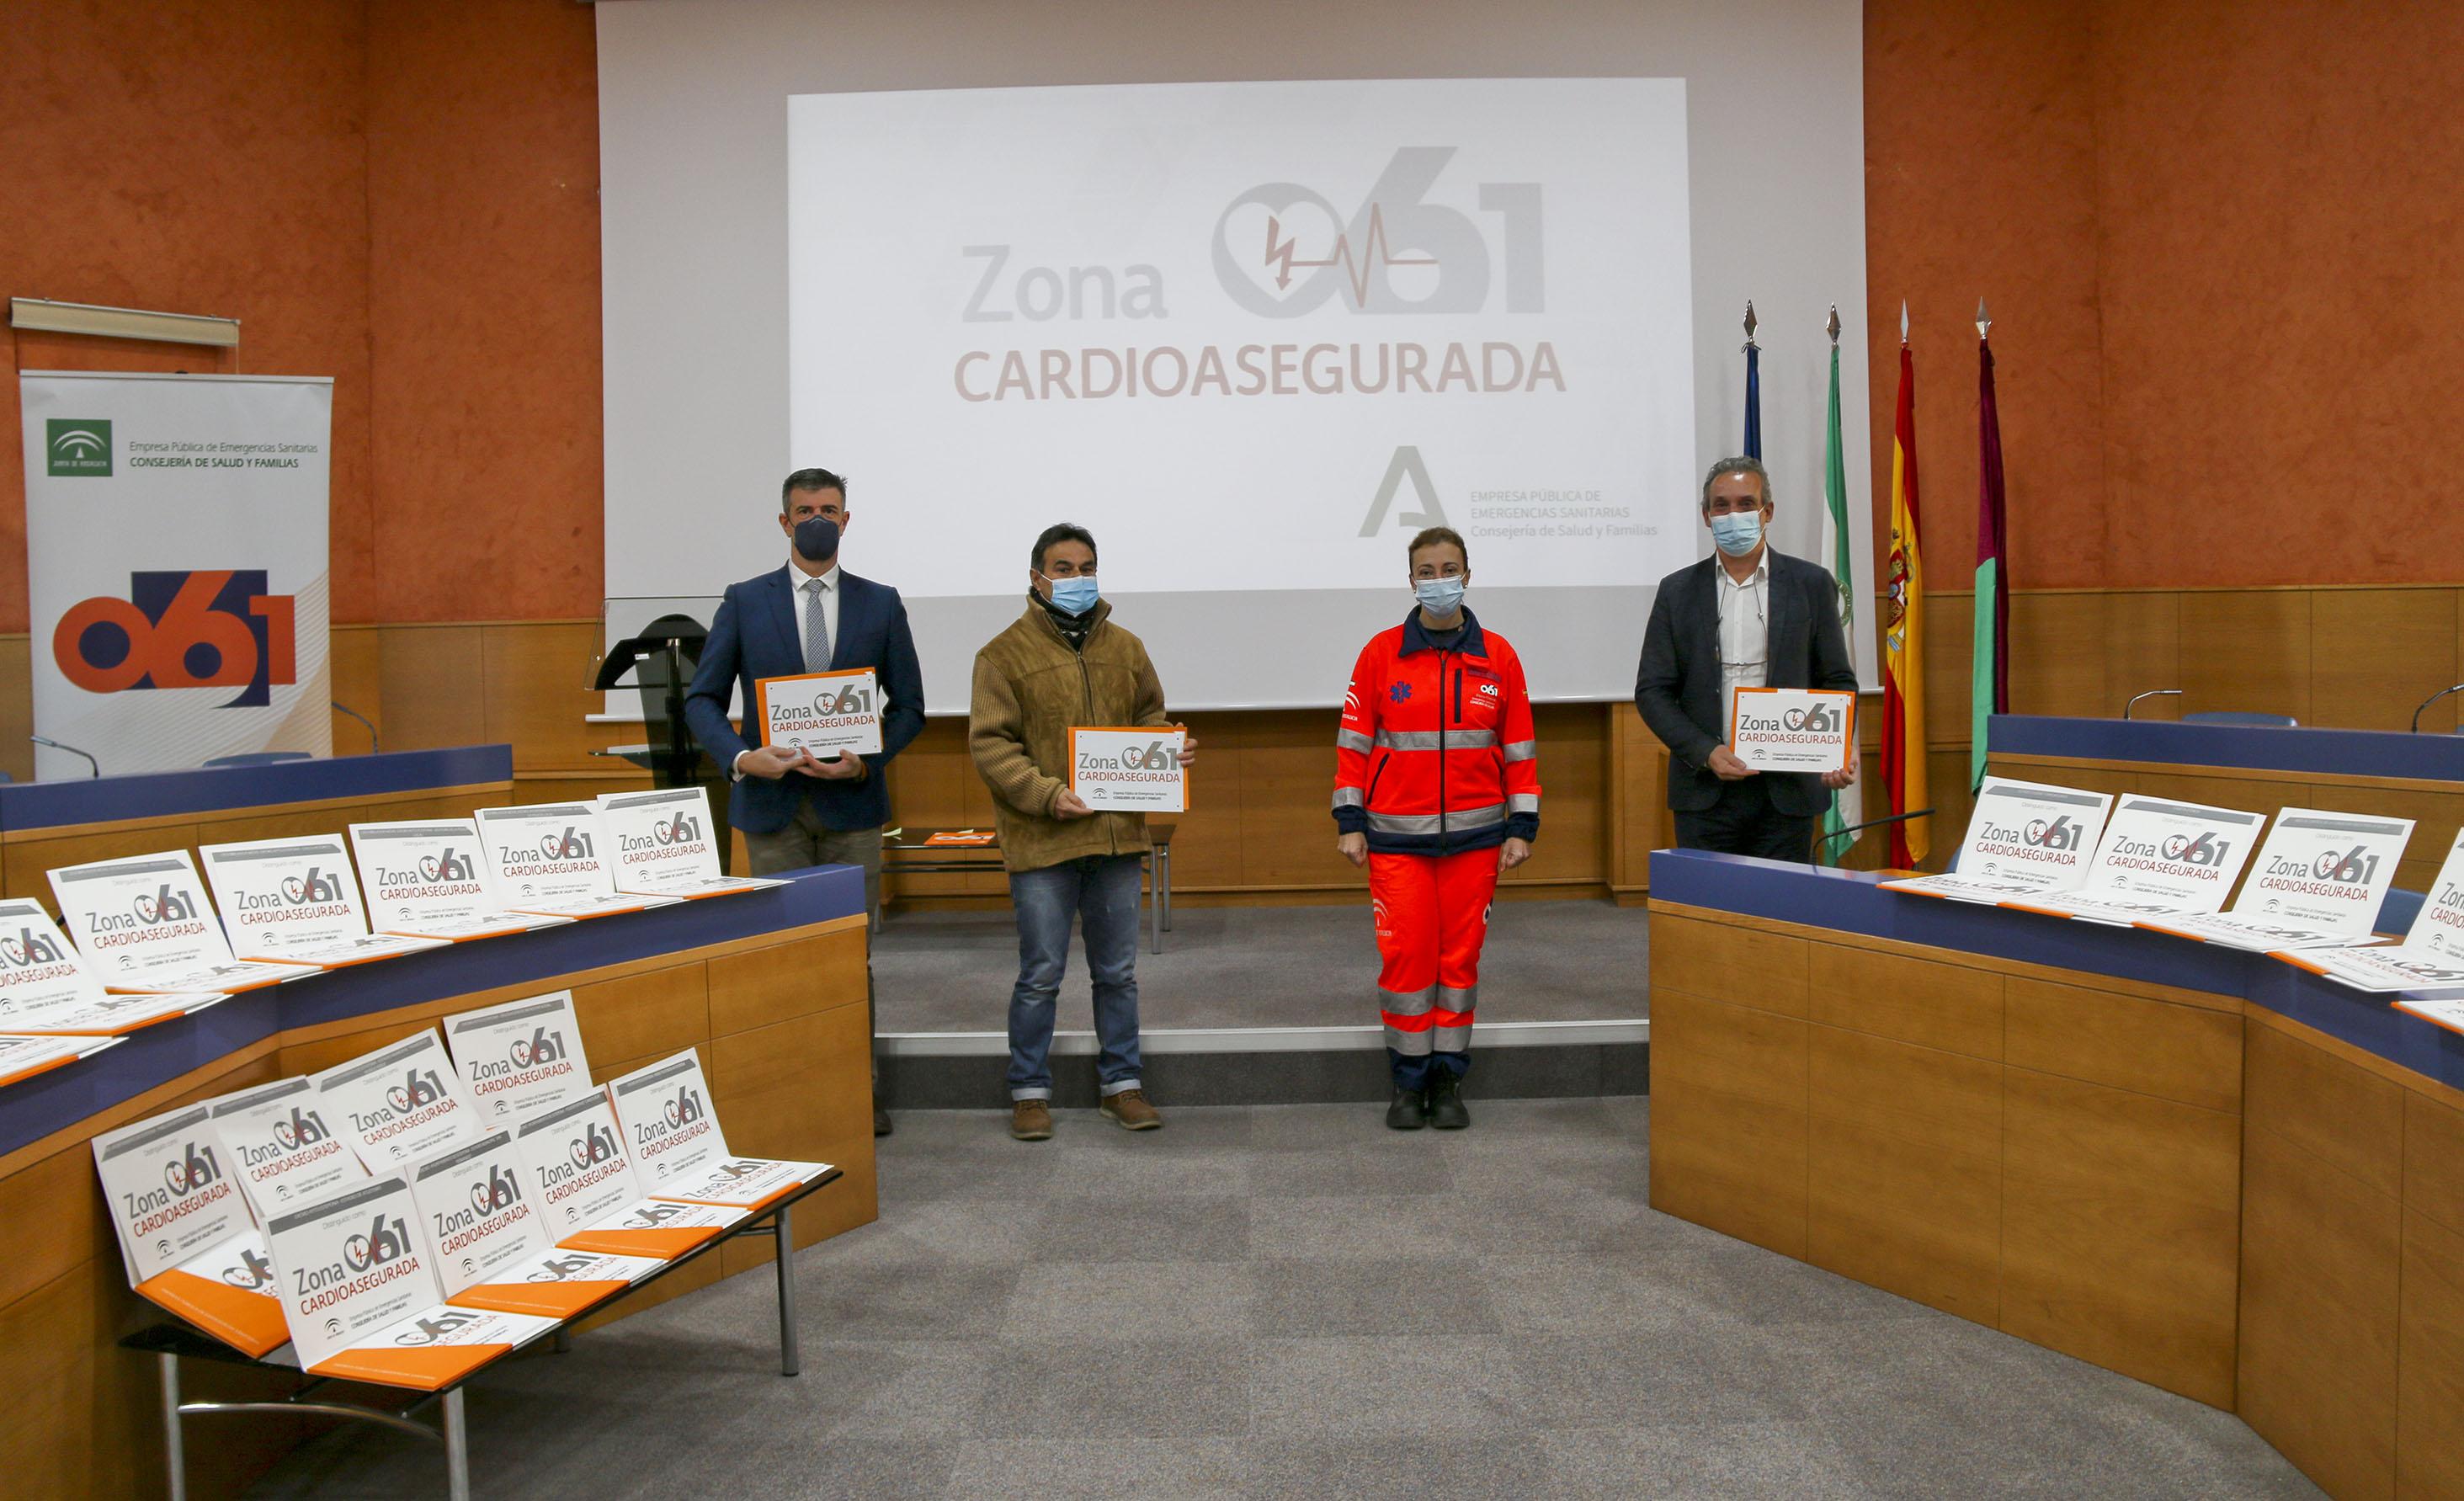 El 061 reconoce 25 zonas cardioaseguradas de las localidades de Estepona y Torremolinos